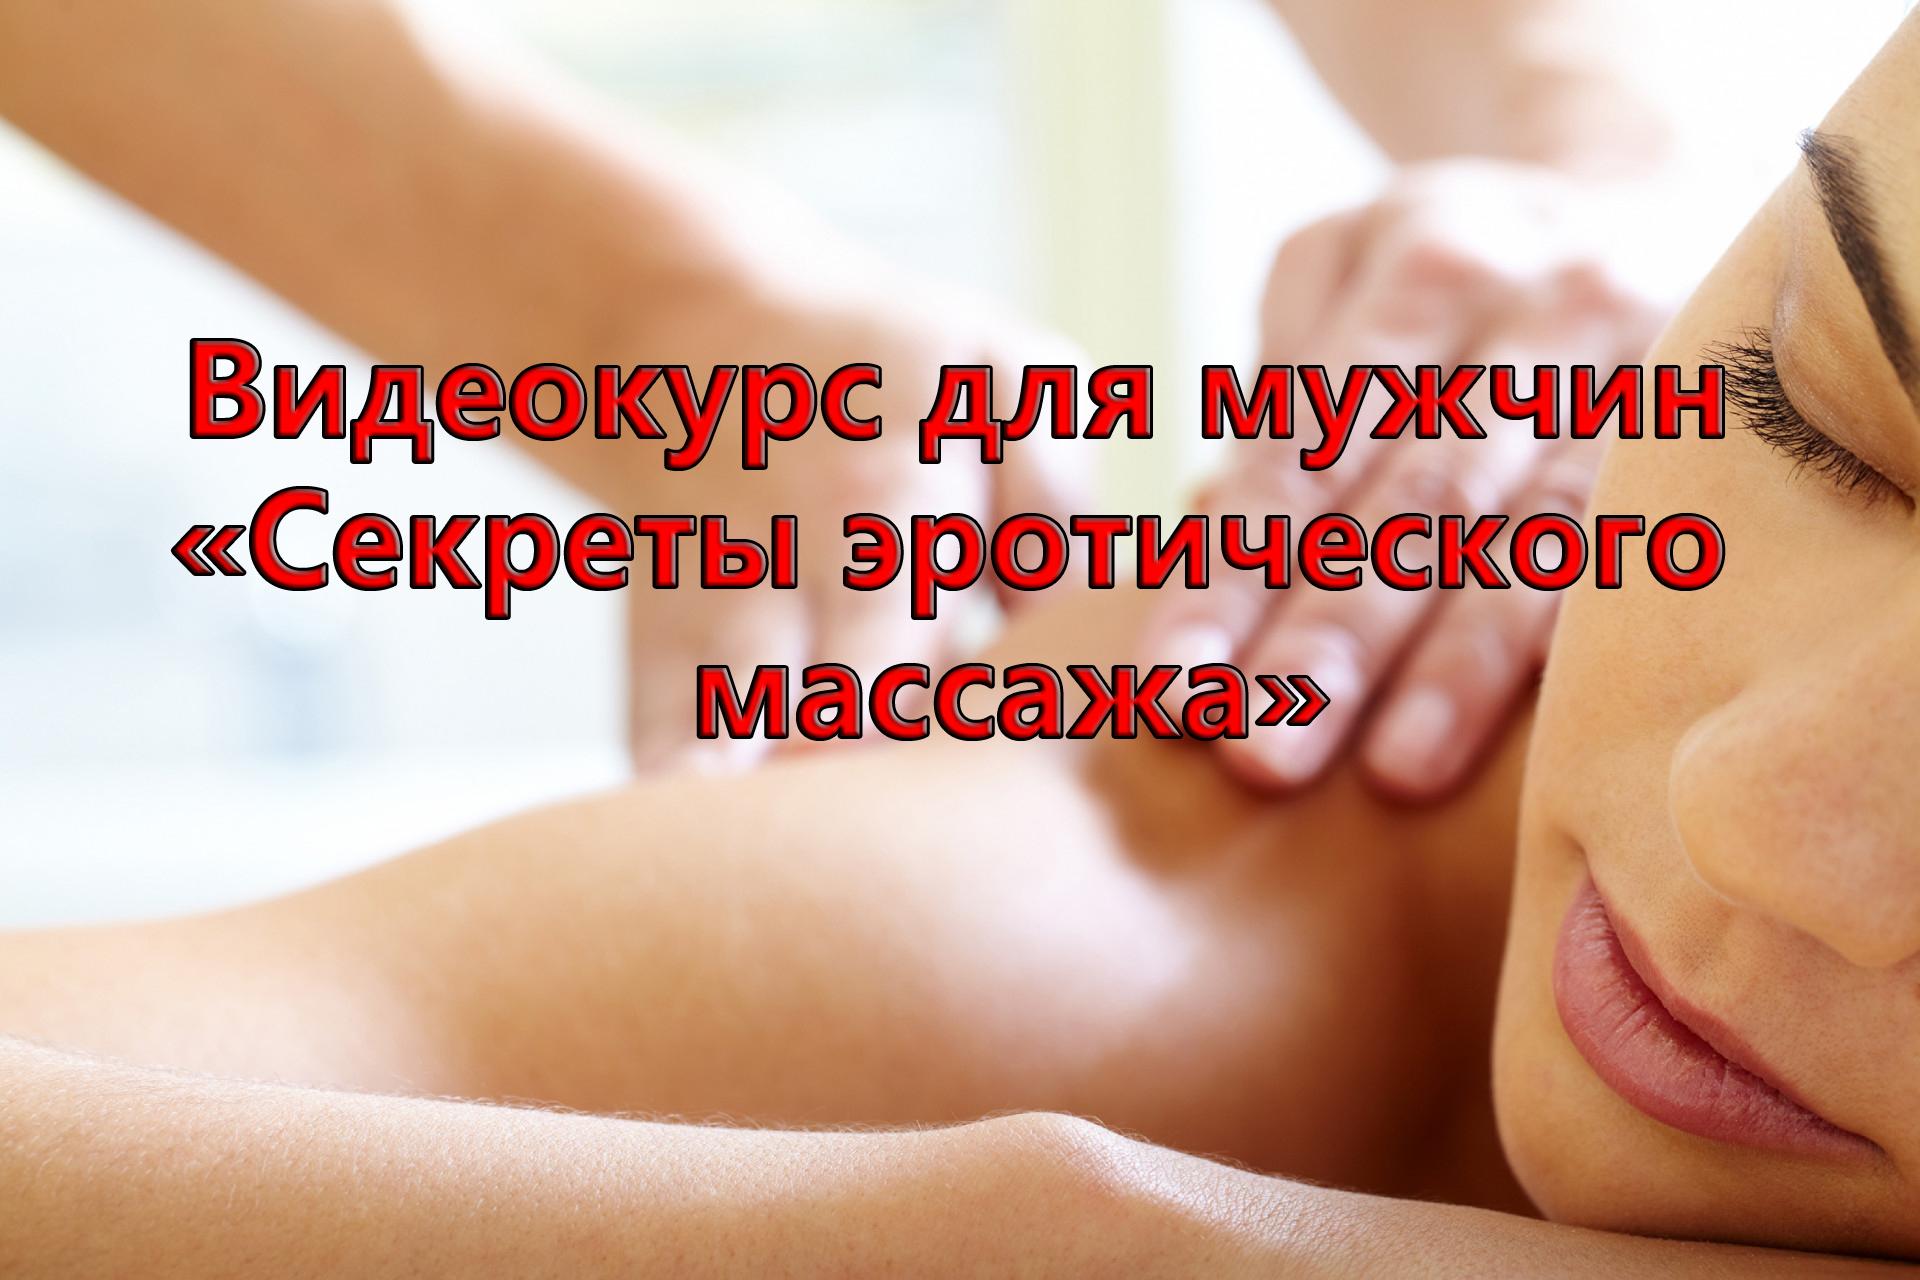 eroticheskiy-massazh-tambov